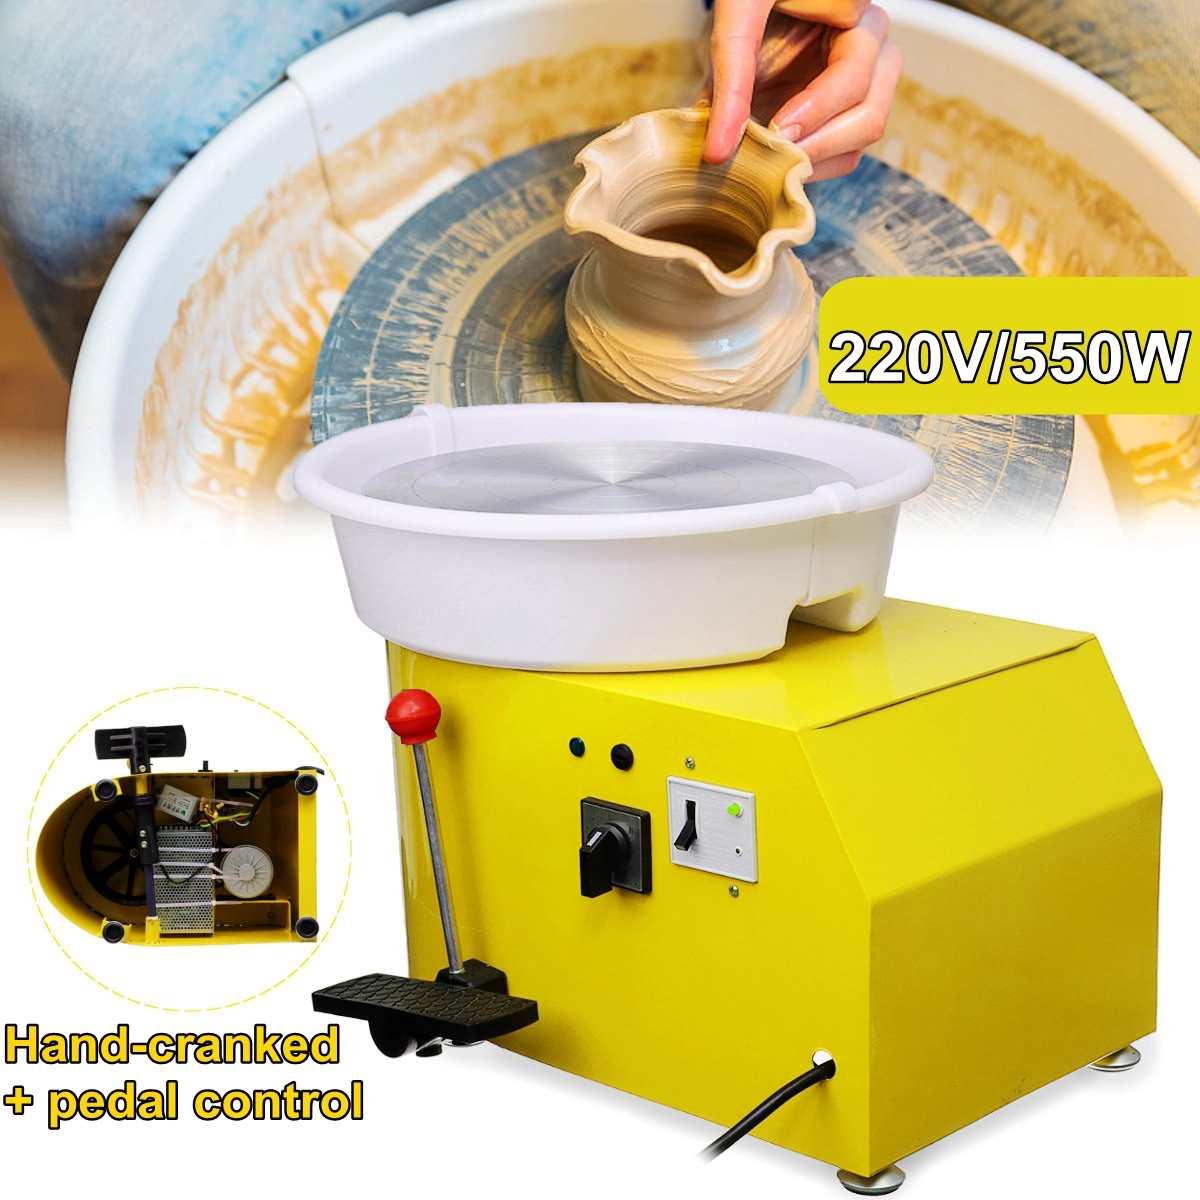 Tournant la Machine en céramique de roue de poterie électrique 220 V 550 W 300mm Kit de potier en céramique d'argile pour la céramique de travail en céramique